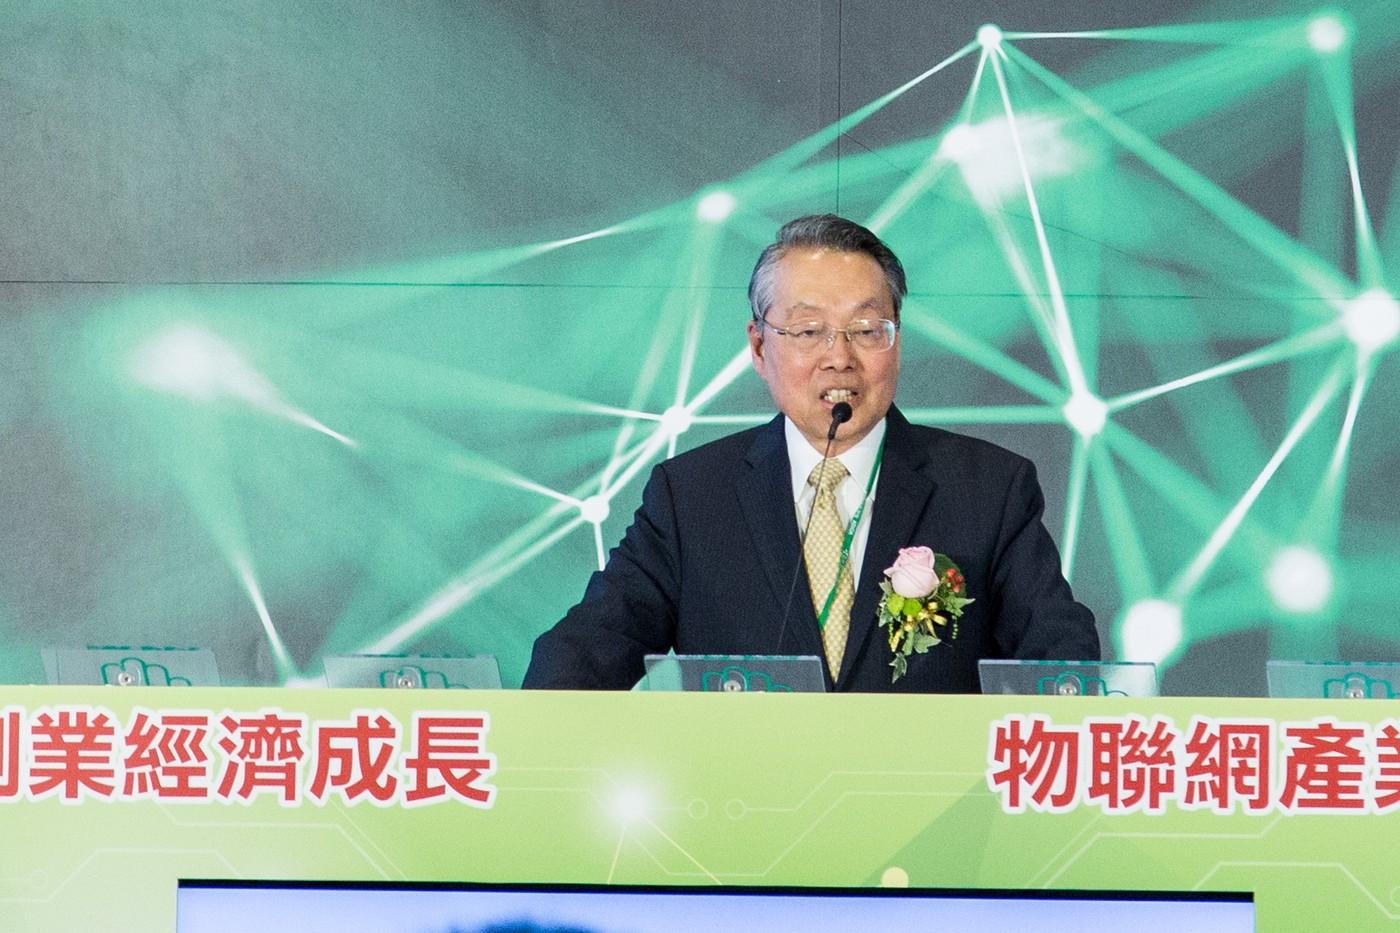 銀光經濟來了,75歲施振榮開放7萬筆「長輩們」未來生活數據庫